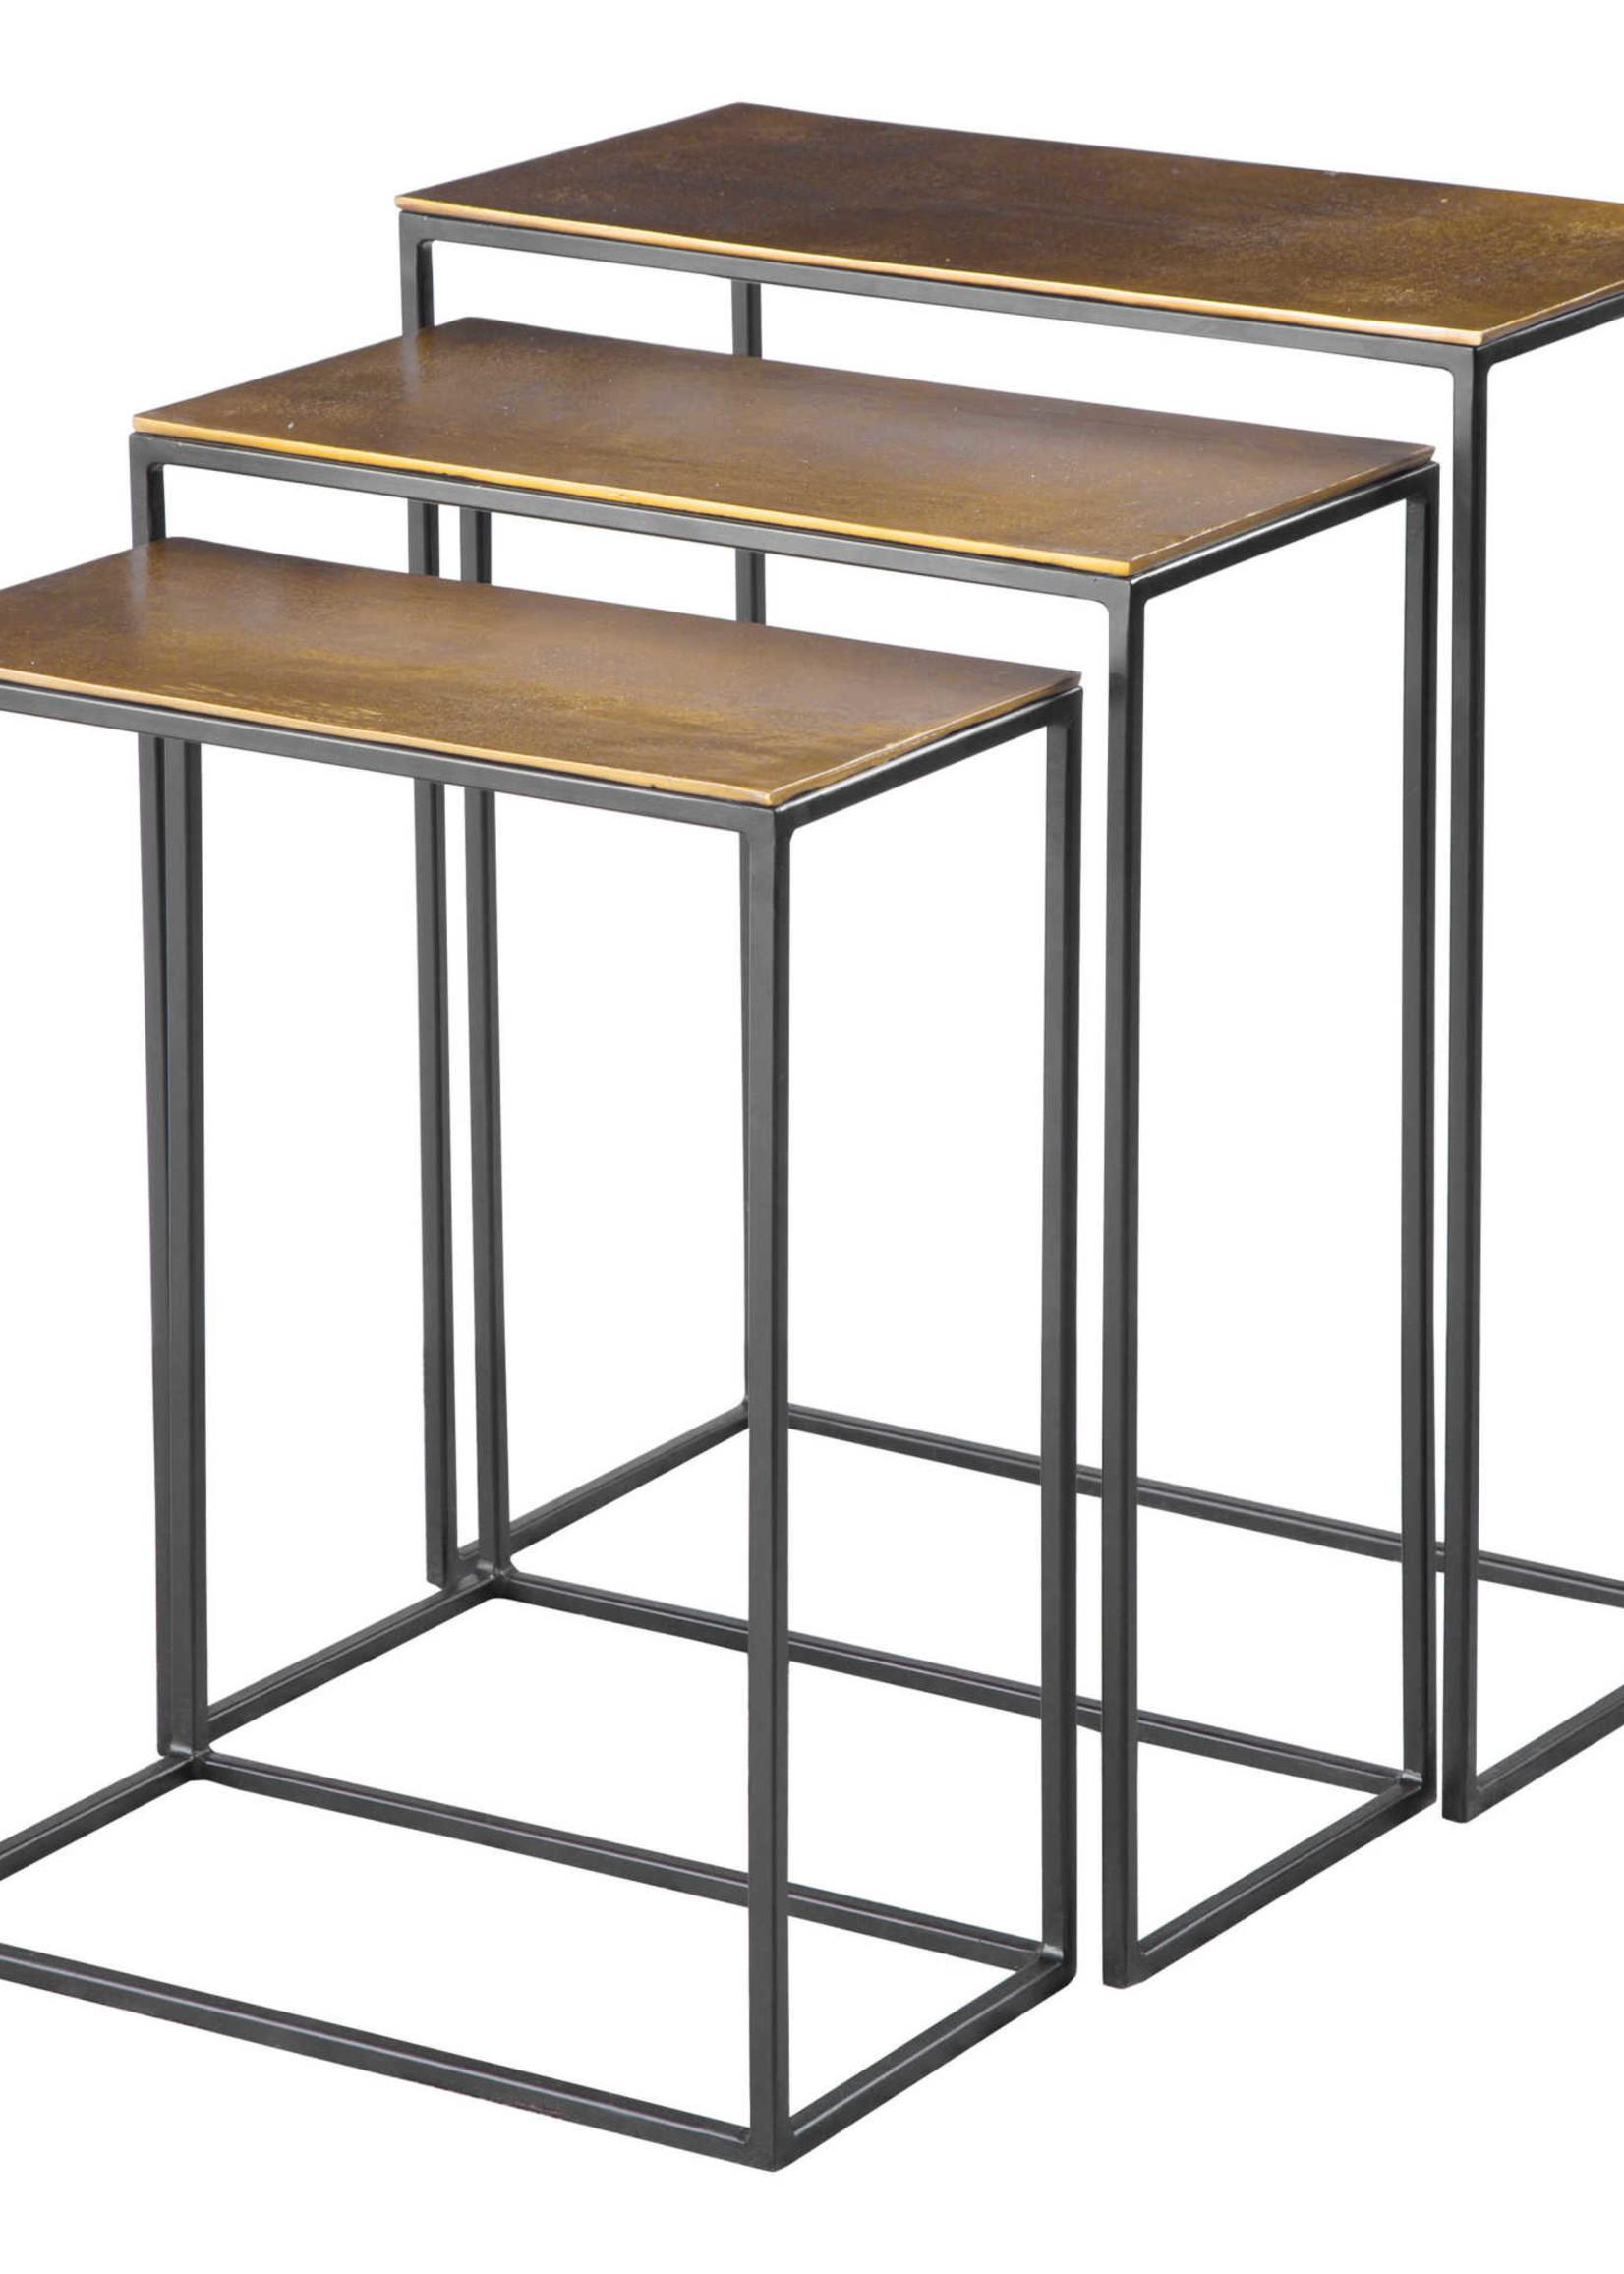 Uttermost / Revelation Coreene Nesting Tables Set/3 in Aged Black Iron